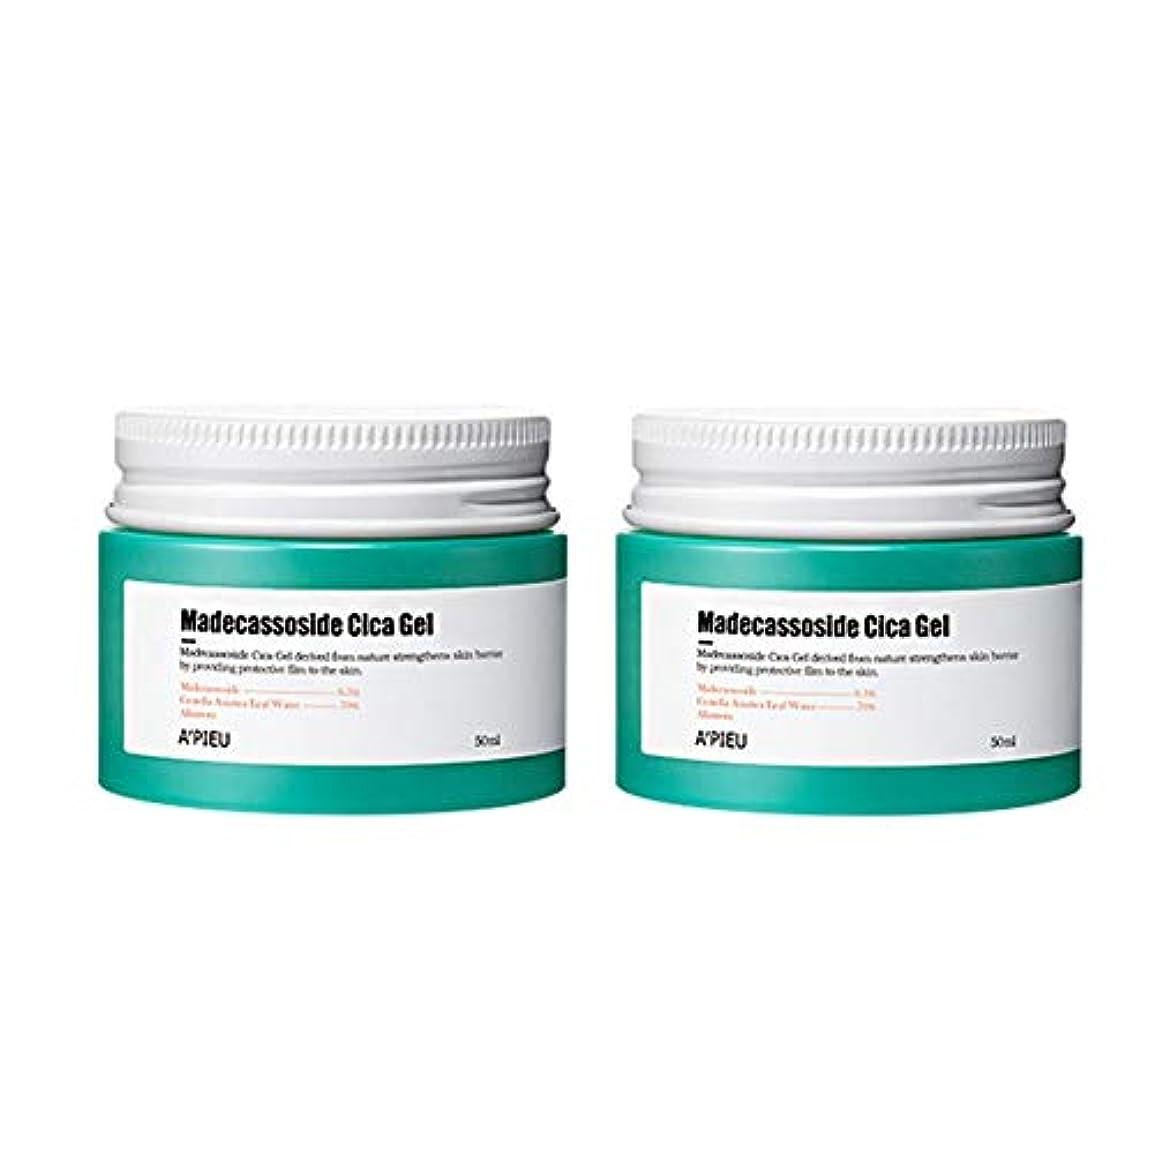 オピュマデカソサイドシカゲル50ml x2本セット皮膚の損傷の改善、A'pieu Madecassoside Cica Gel 50ml x 2ea Set Skin Damage Care [並行輸入品]